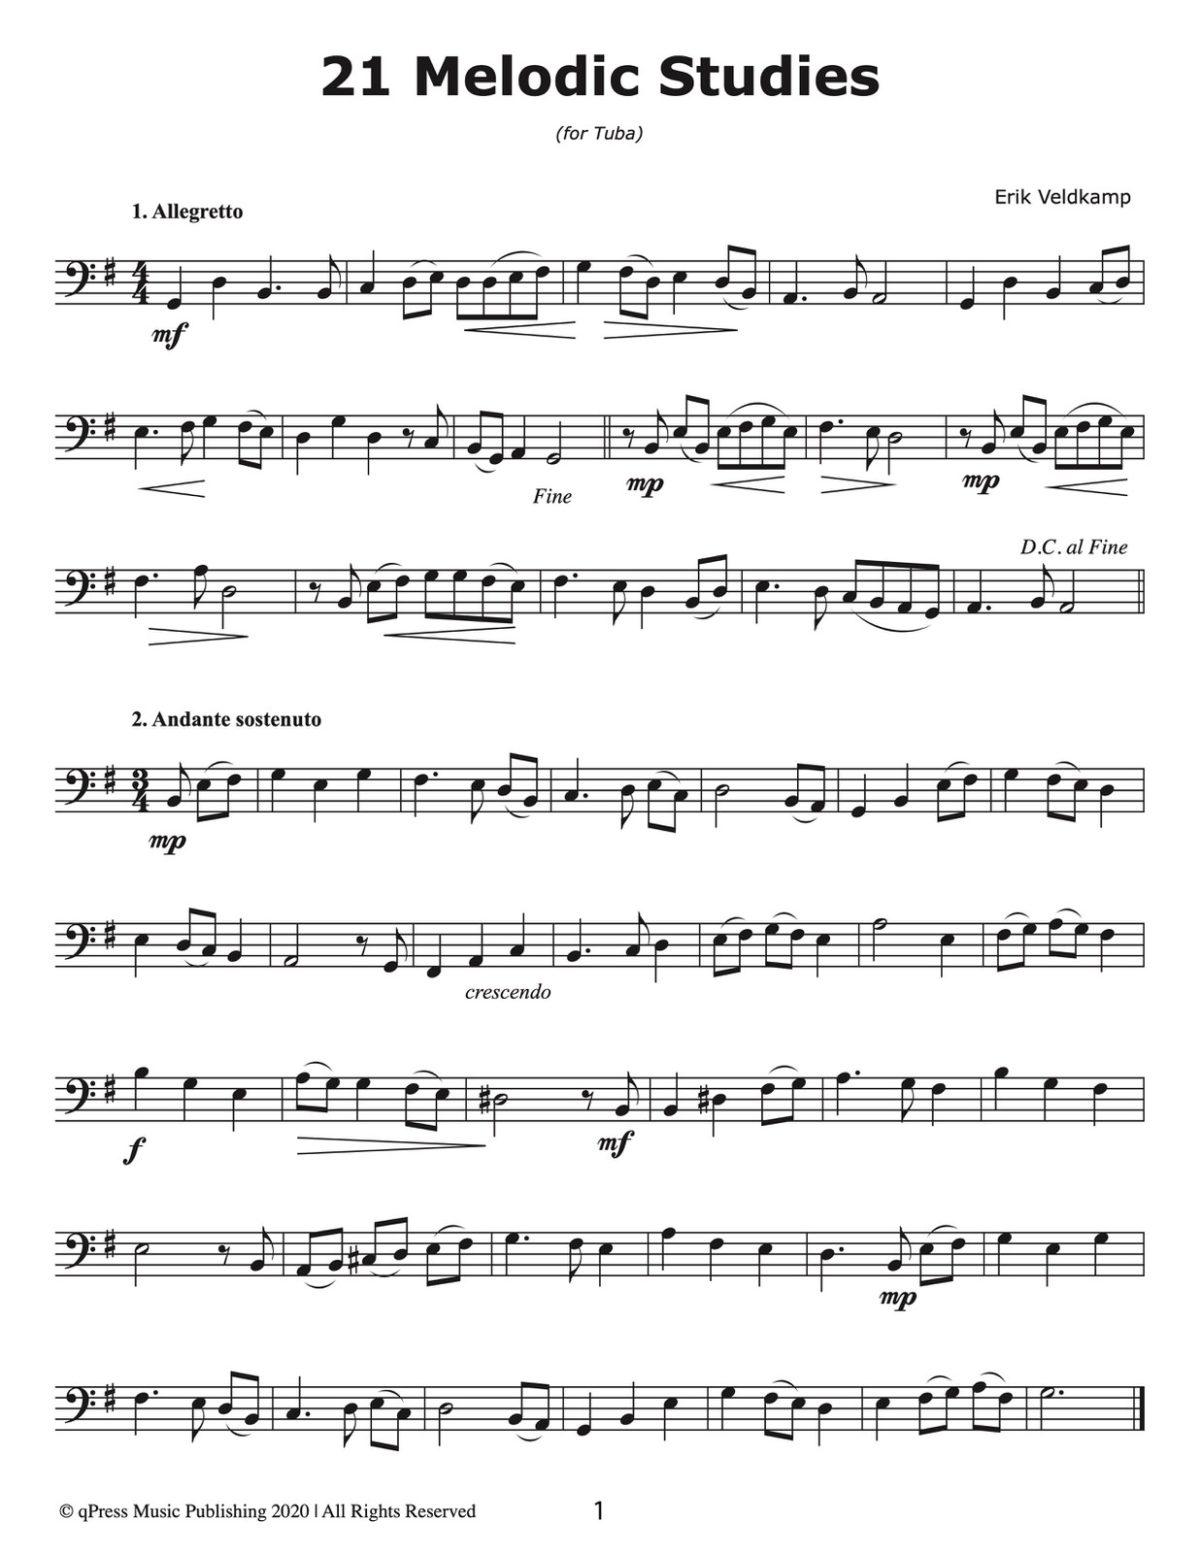 Veldkamp, 21 melodic Studies for Tuba-p03